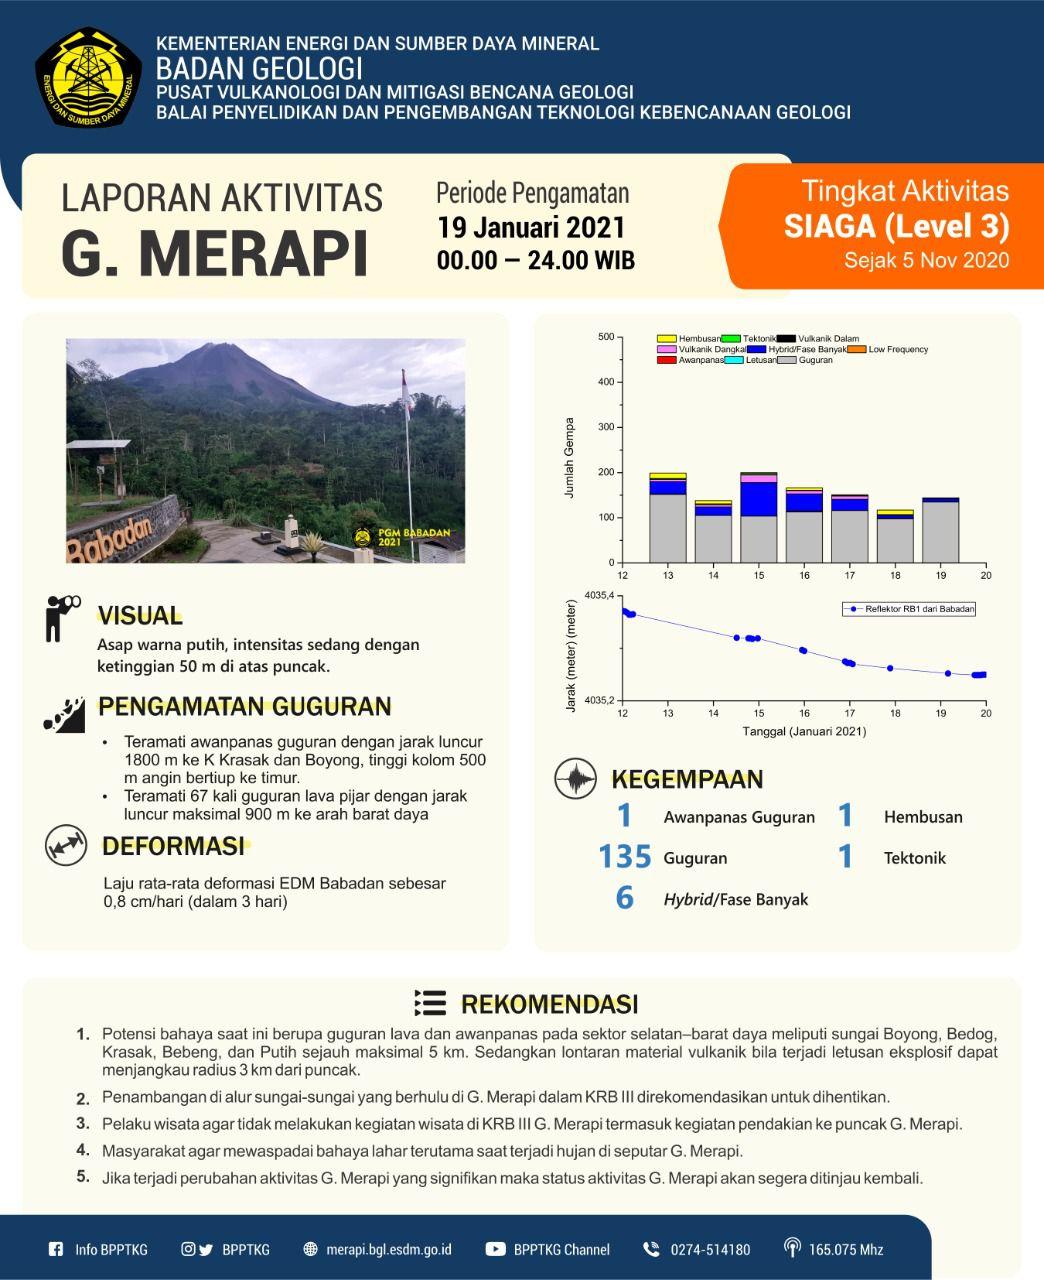 Merapi - activité au 19.01.2021 - et détail de la sismicité du 19.01 / 00-24h - Doc. BPPTKG